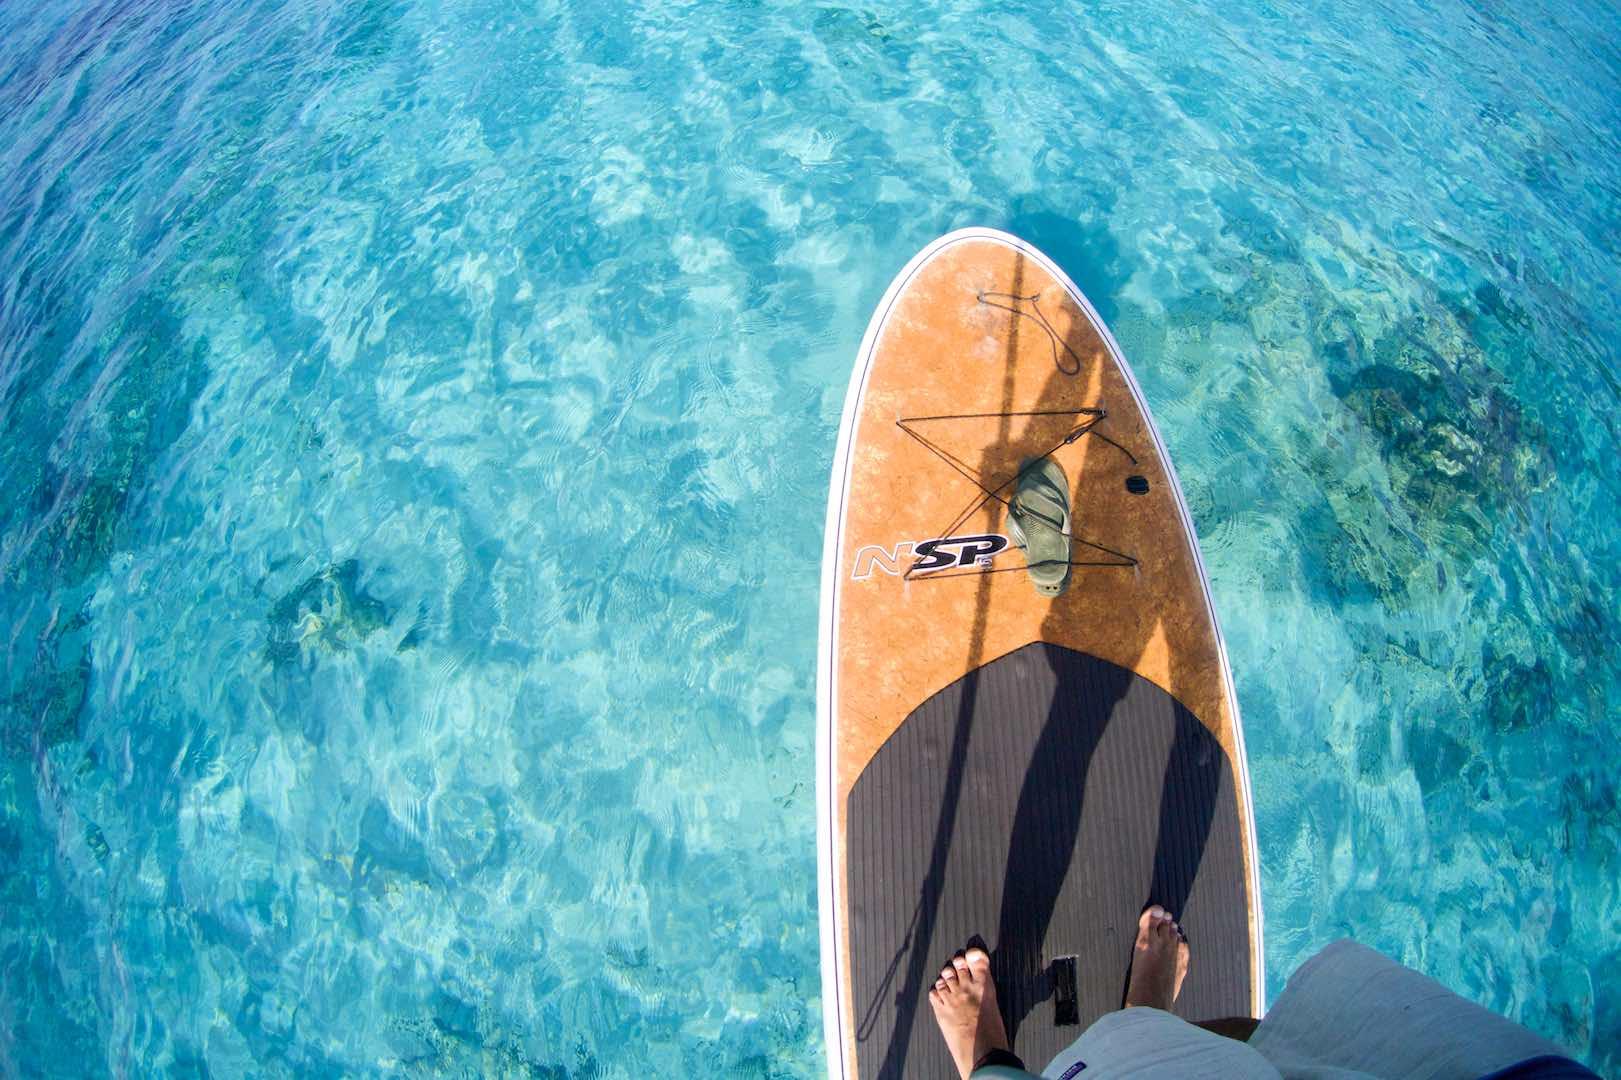 石垣島の碧く棲んだ海をSUPで漕ぐ